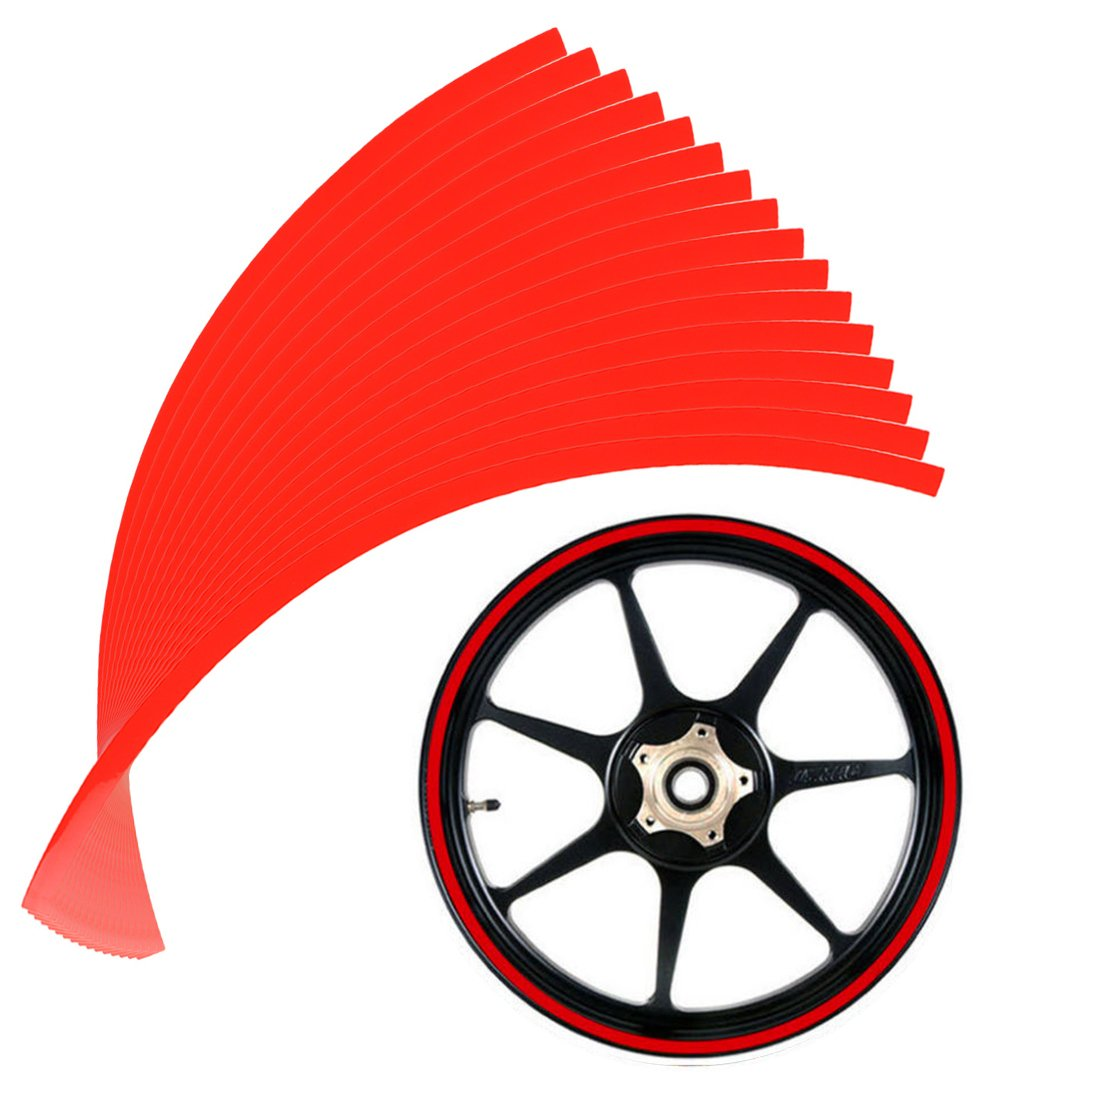 Larcele 10mm Decalcomanie catarifrangenti del adesivi per cerchioni per Ruote del moto 16'o le Ruote dell'auto QCFGT-01 (Scarlatto)